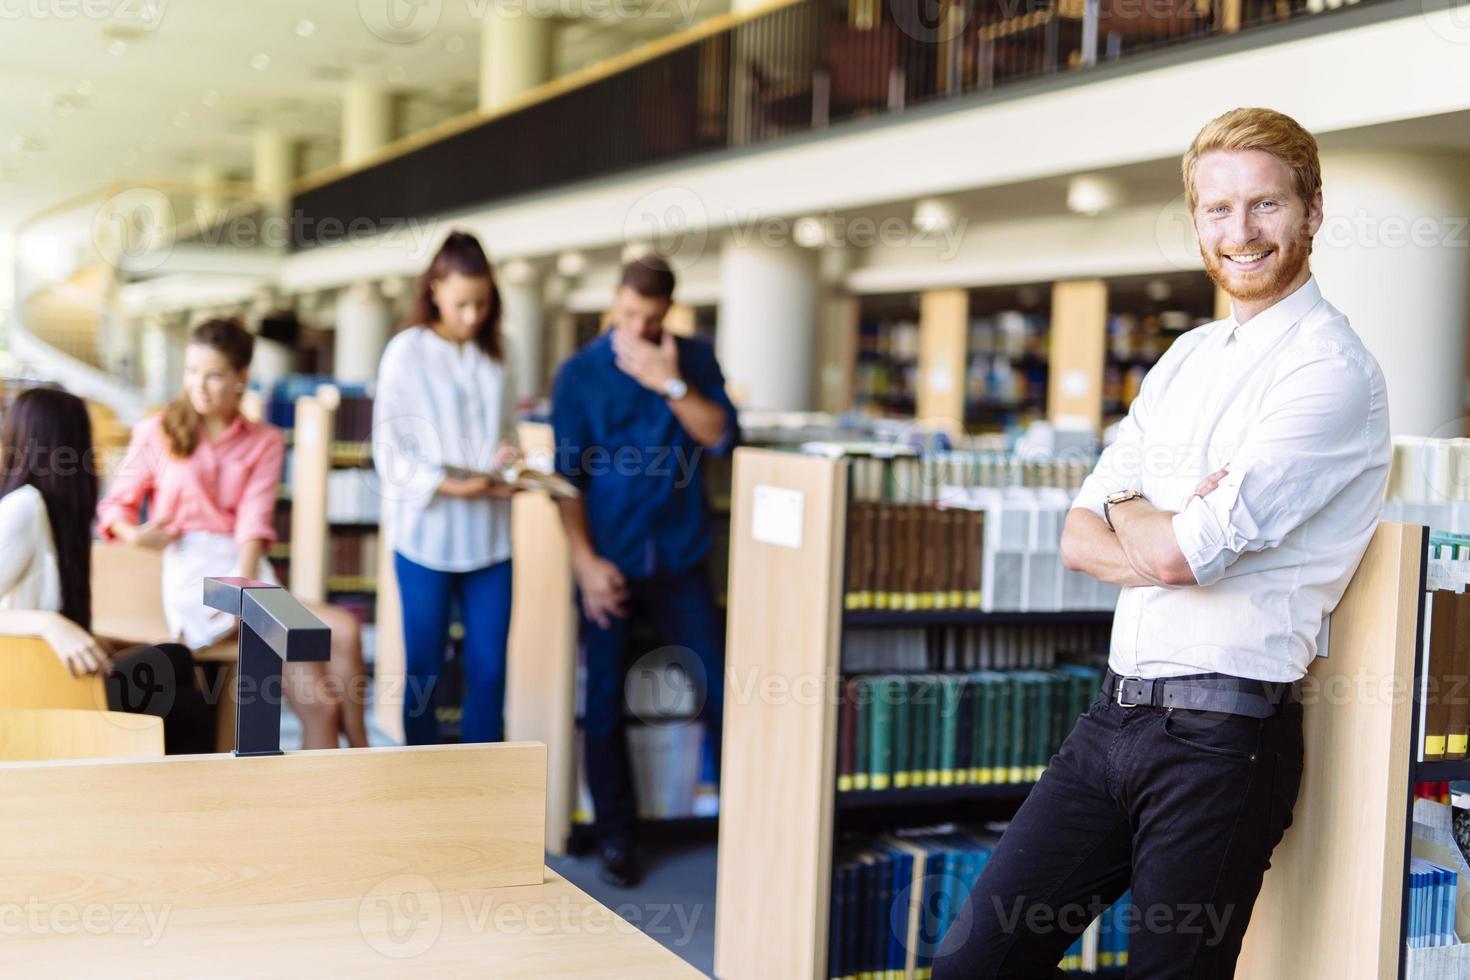 grupp ungdomar som utbildar sig på ett bibliotek foto